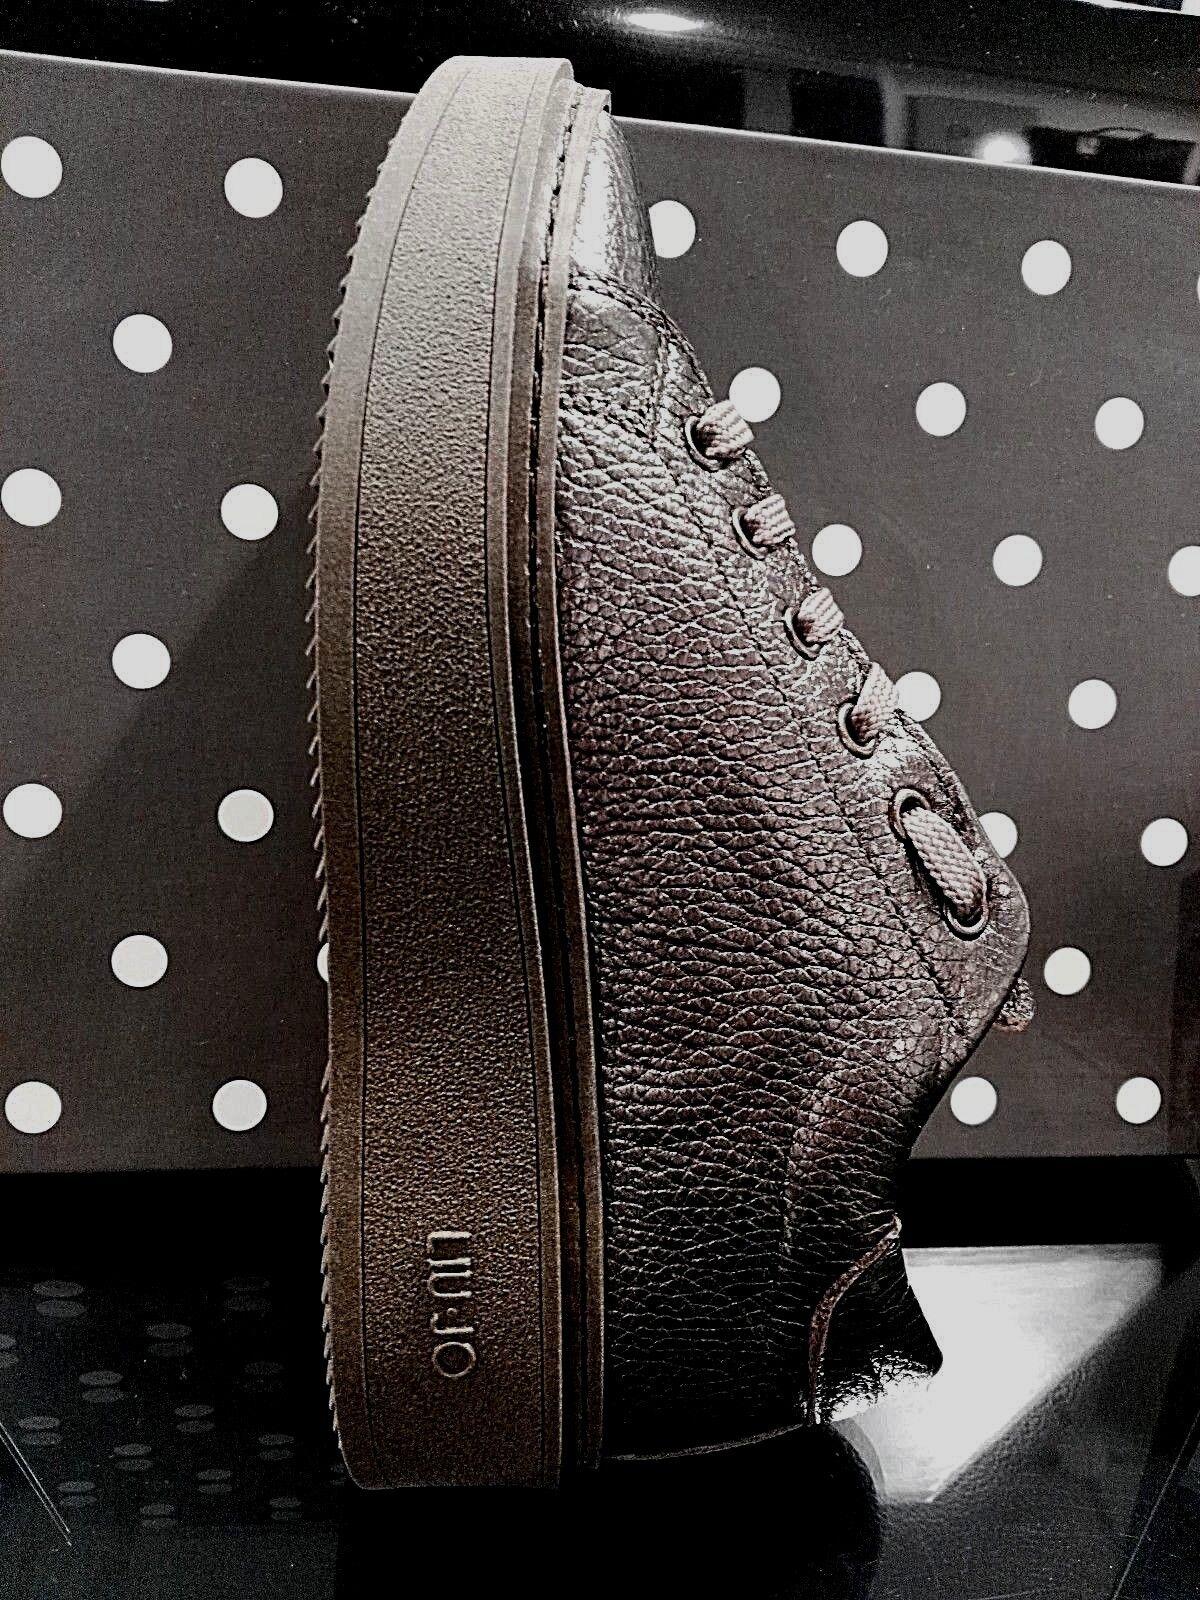 LIU JO,Sneakers JO,Sneakers JO,Sneakers Echtleder ,Bronze, farbe,RABATT 20%,Sohle Gummi,FLATFORM. b52f8d